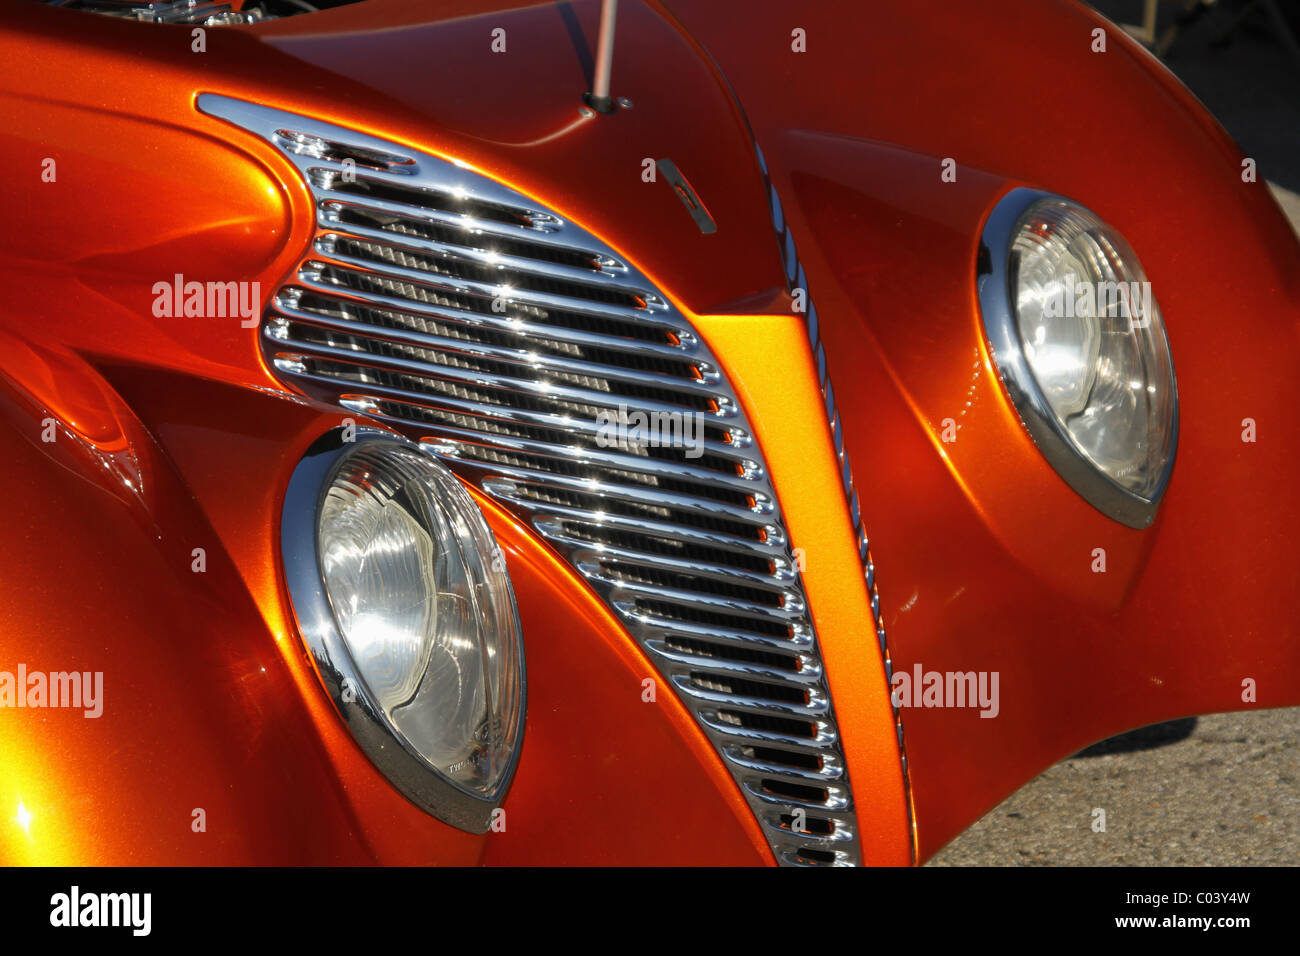 Auto- 1939 Ford Sedan hot rod. Personalizado. Faro y barbacoa. El foco se encuentra en el cercano faro. Imagen De Stock